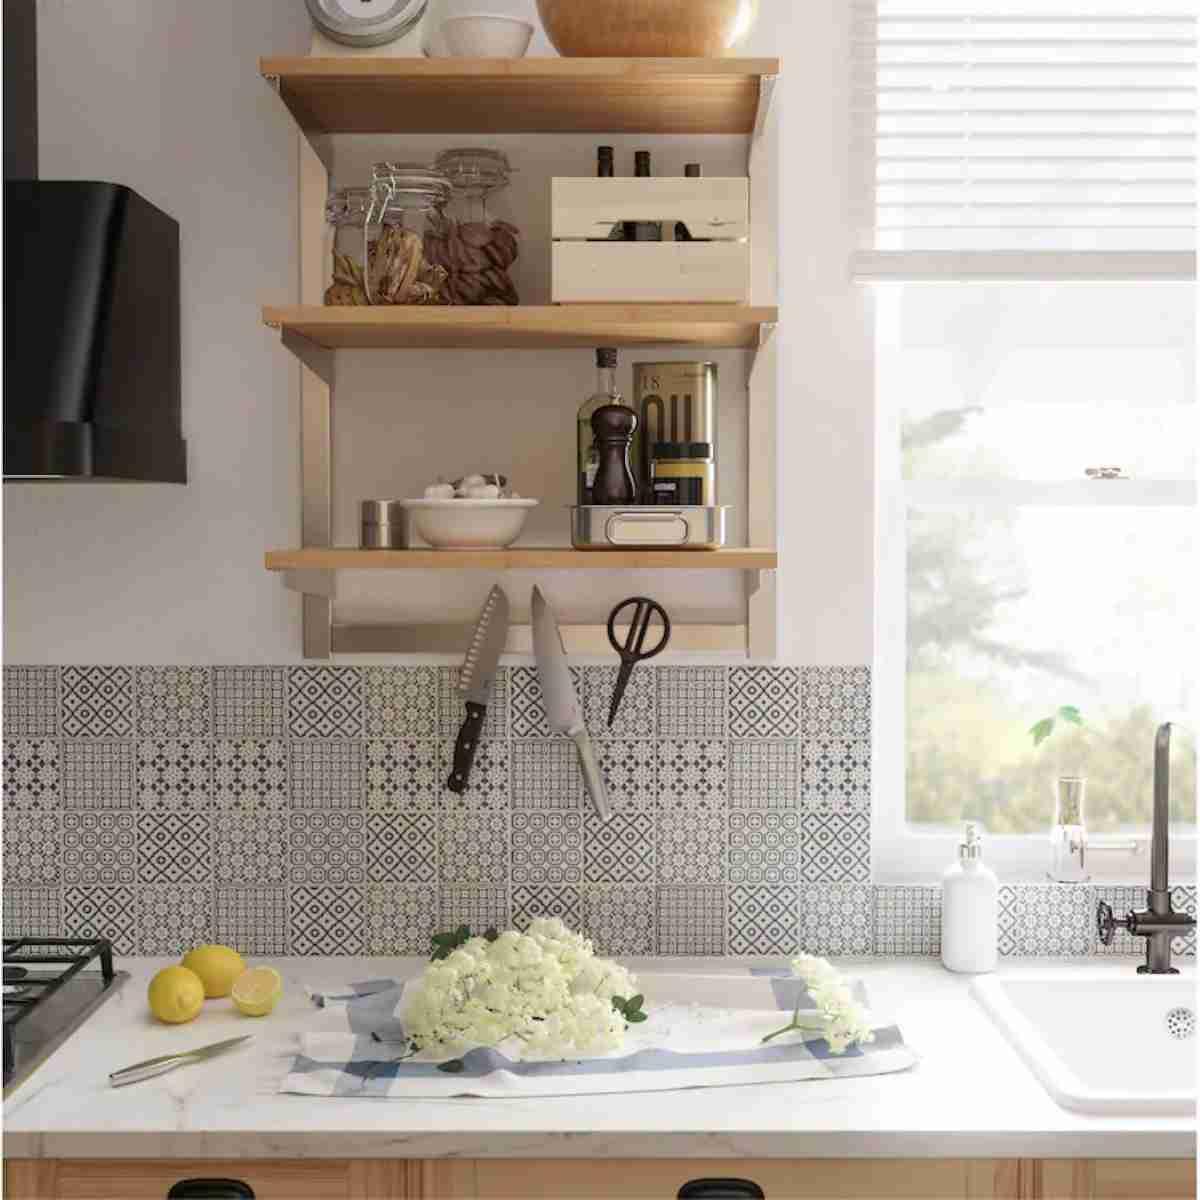 cocina de ikea con elementos de madera